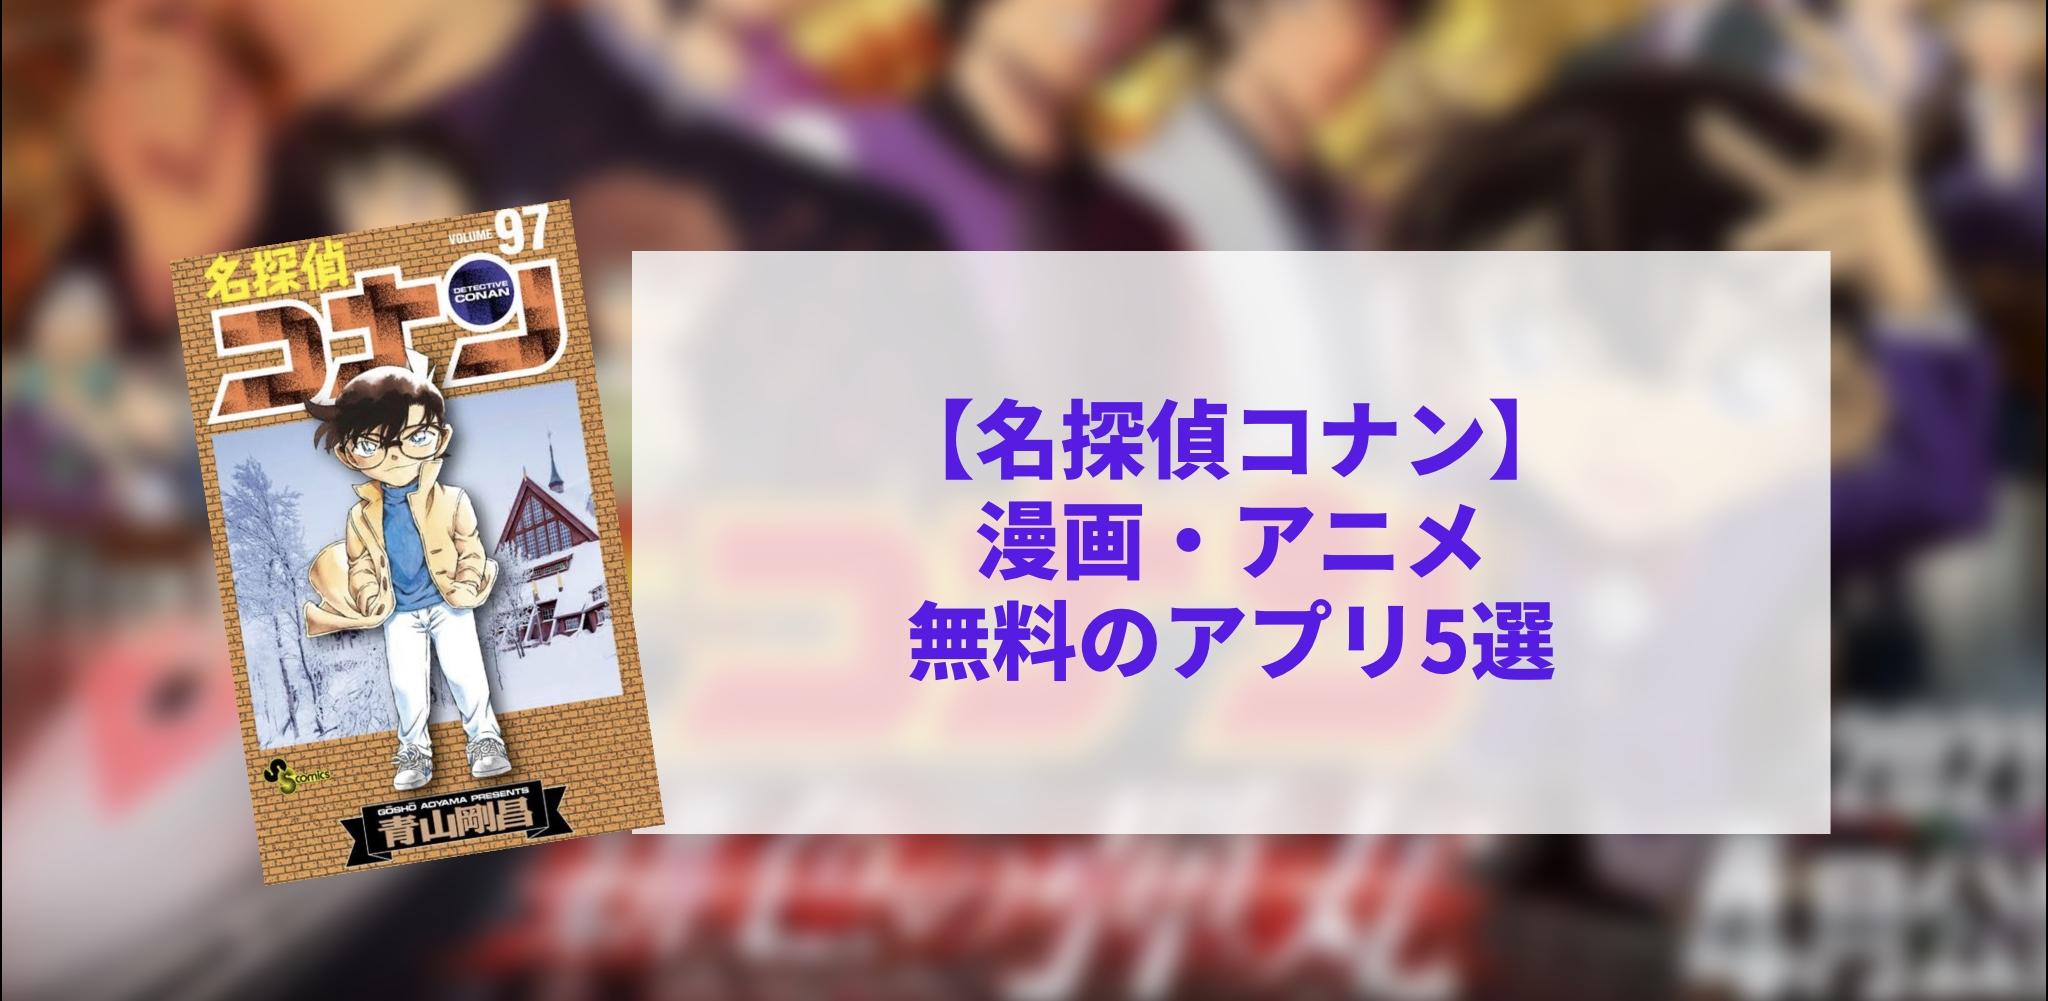 無料 フル 名 探偵 コナン 動画 映画